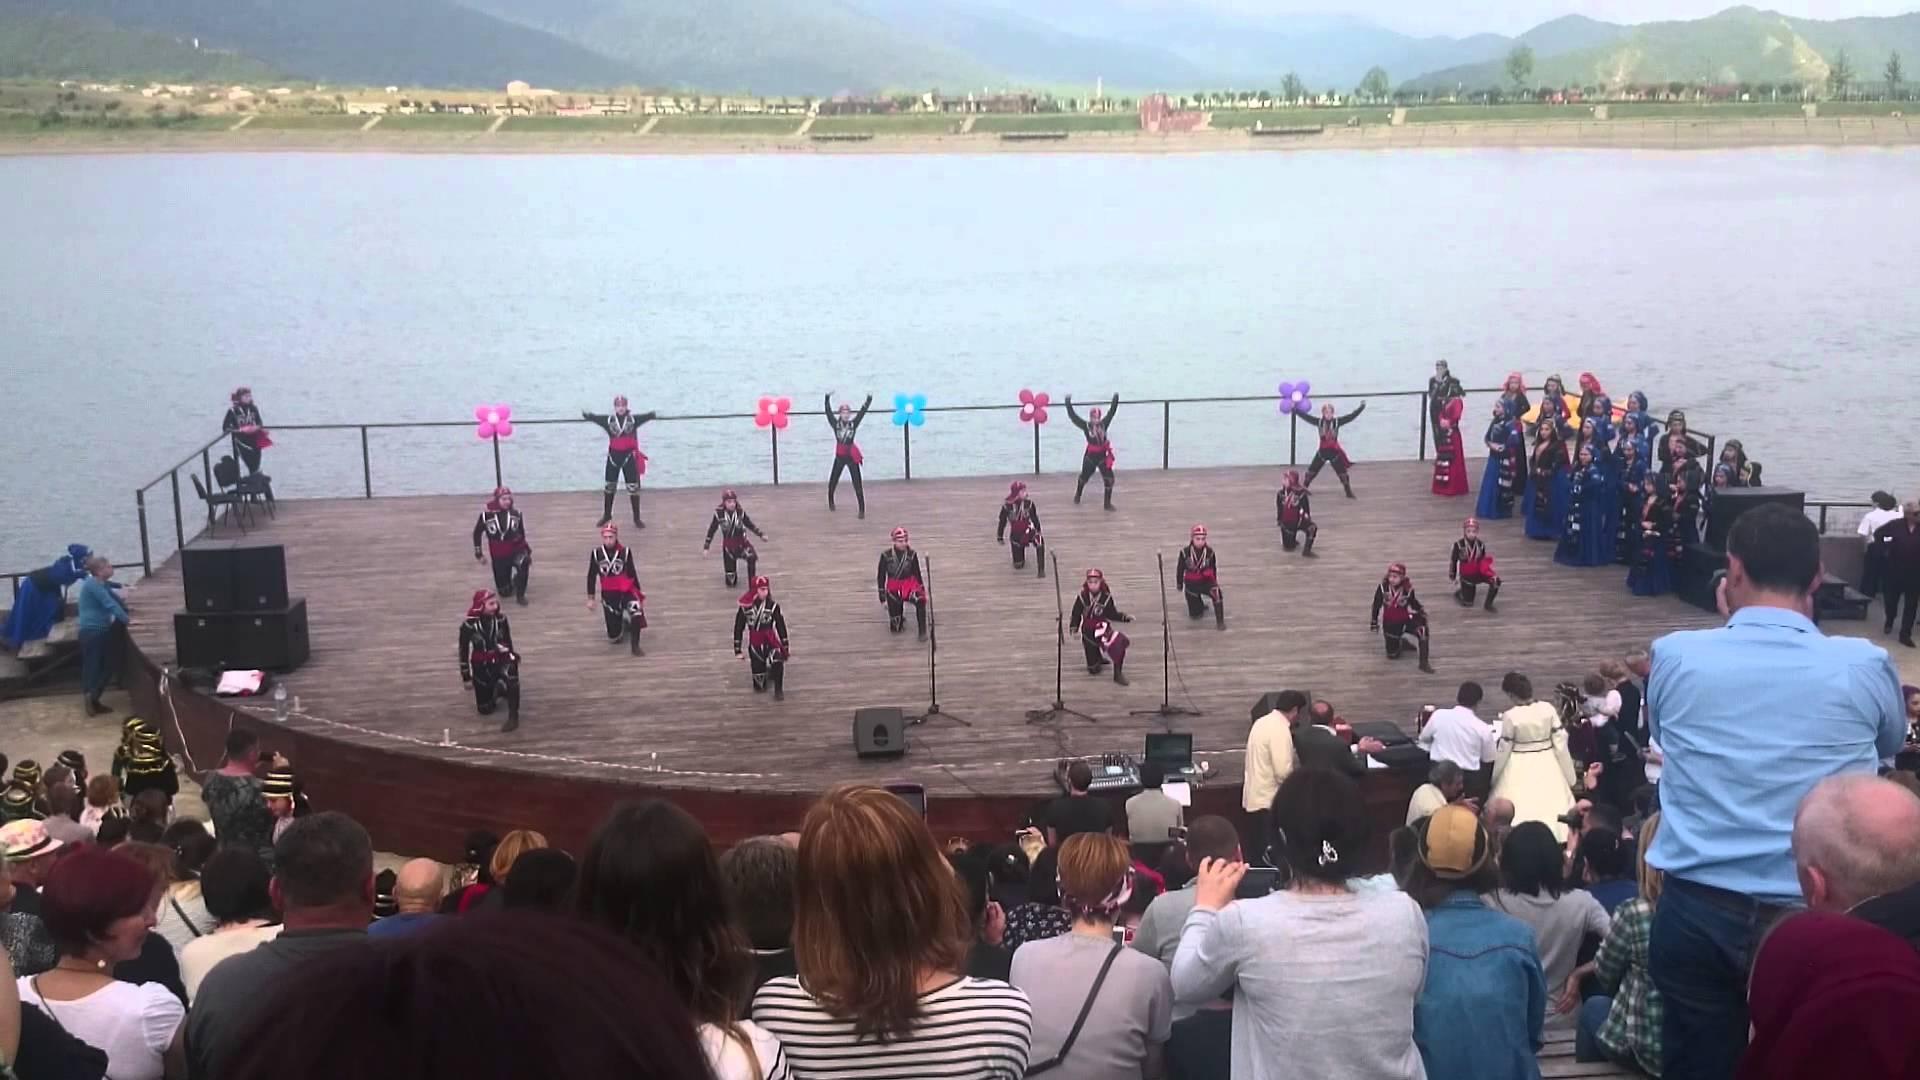 შემთხვევა ილიას ტბაზე - სცენის ჩატეხვის გამო მოცეკვავეები დაშავდნენ